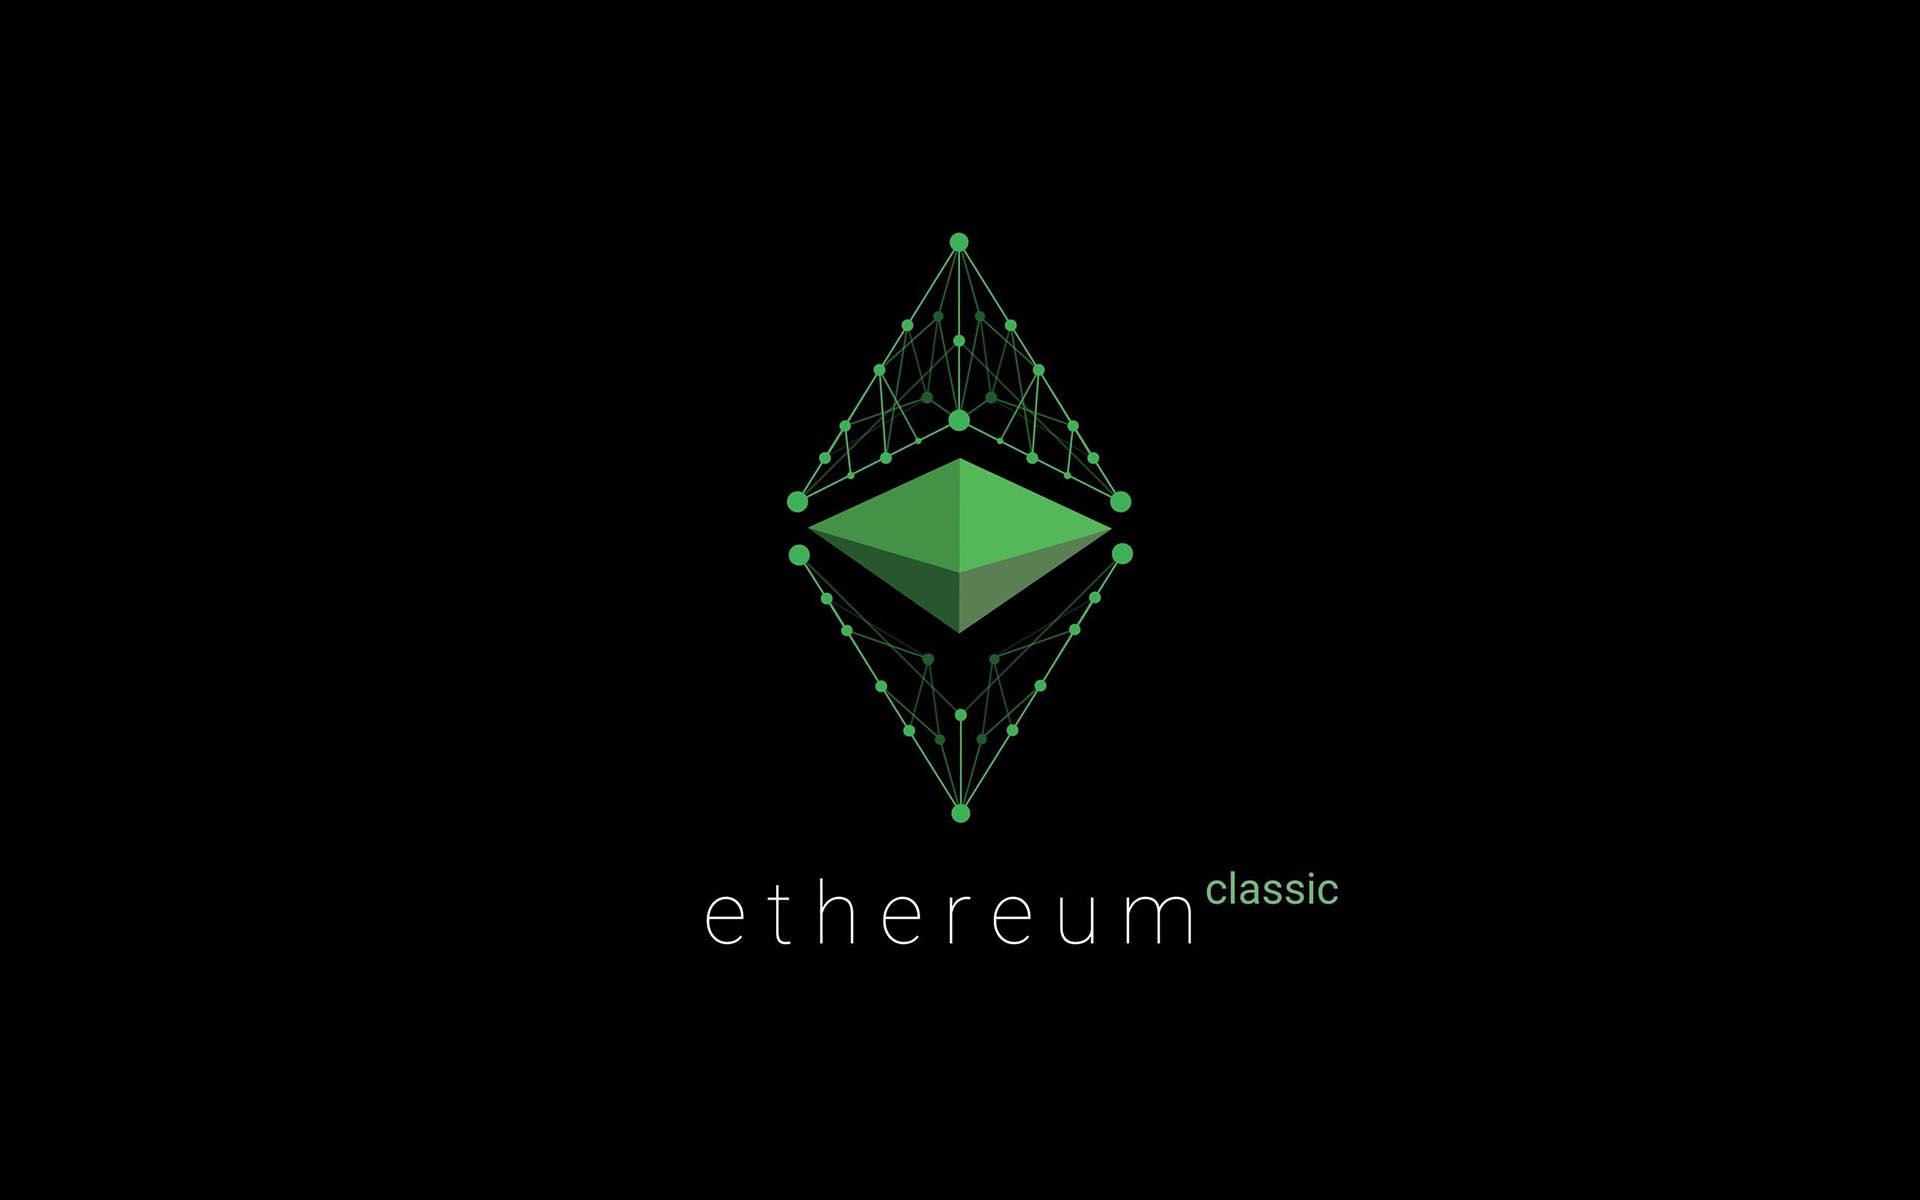 ethereum classic chart analysis